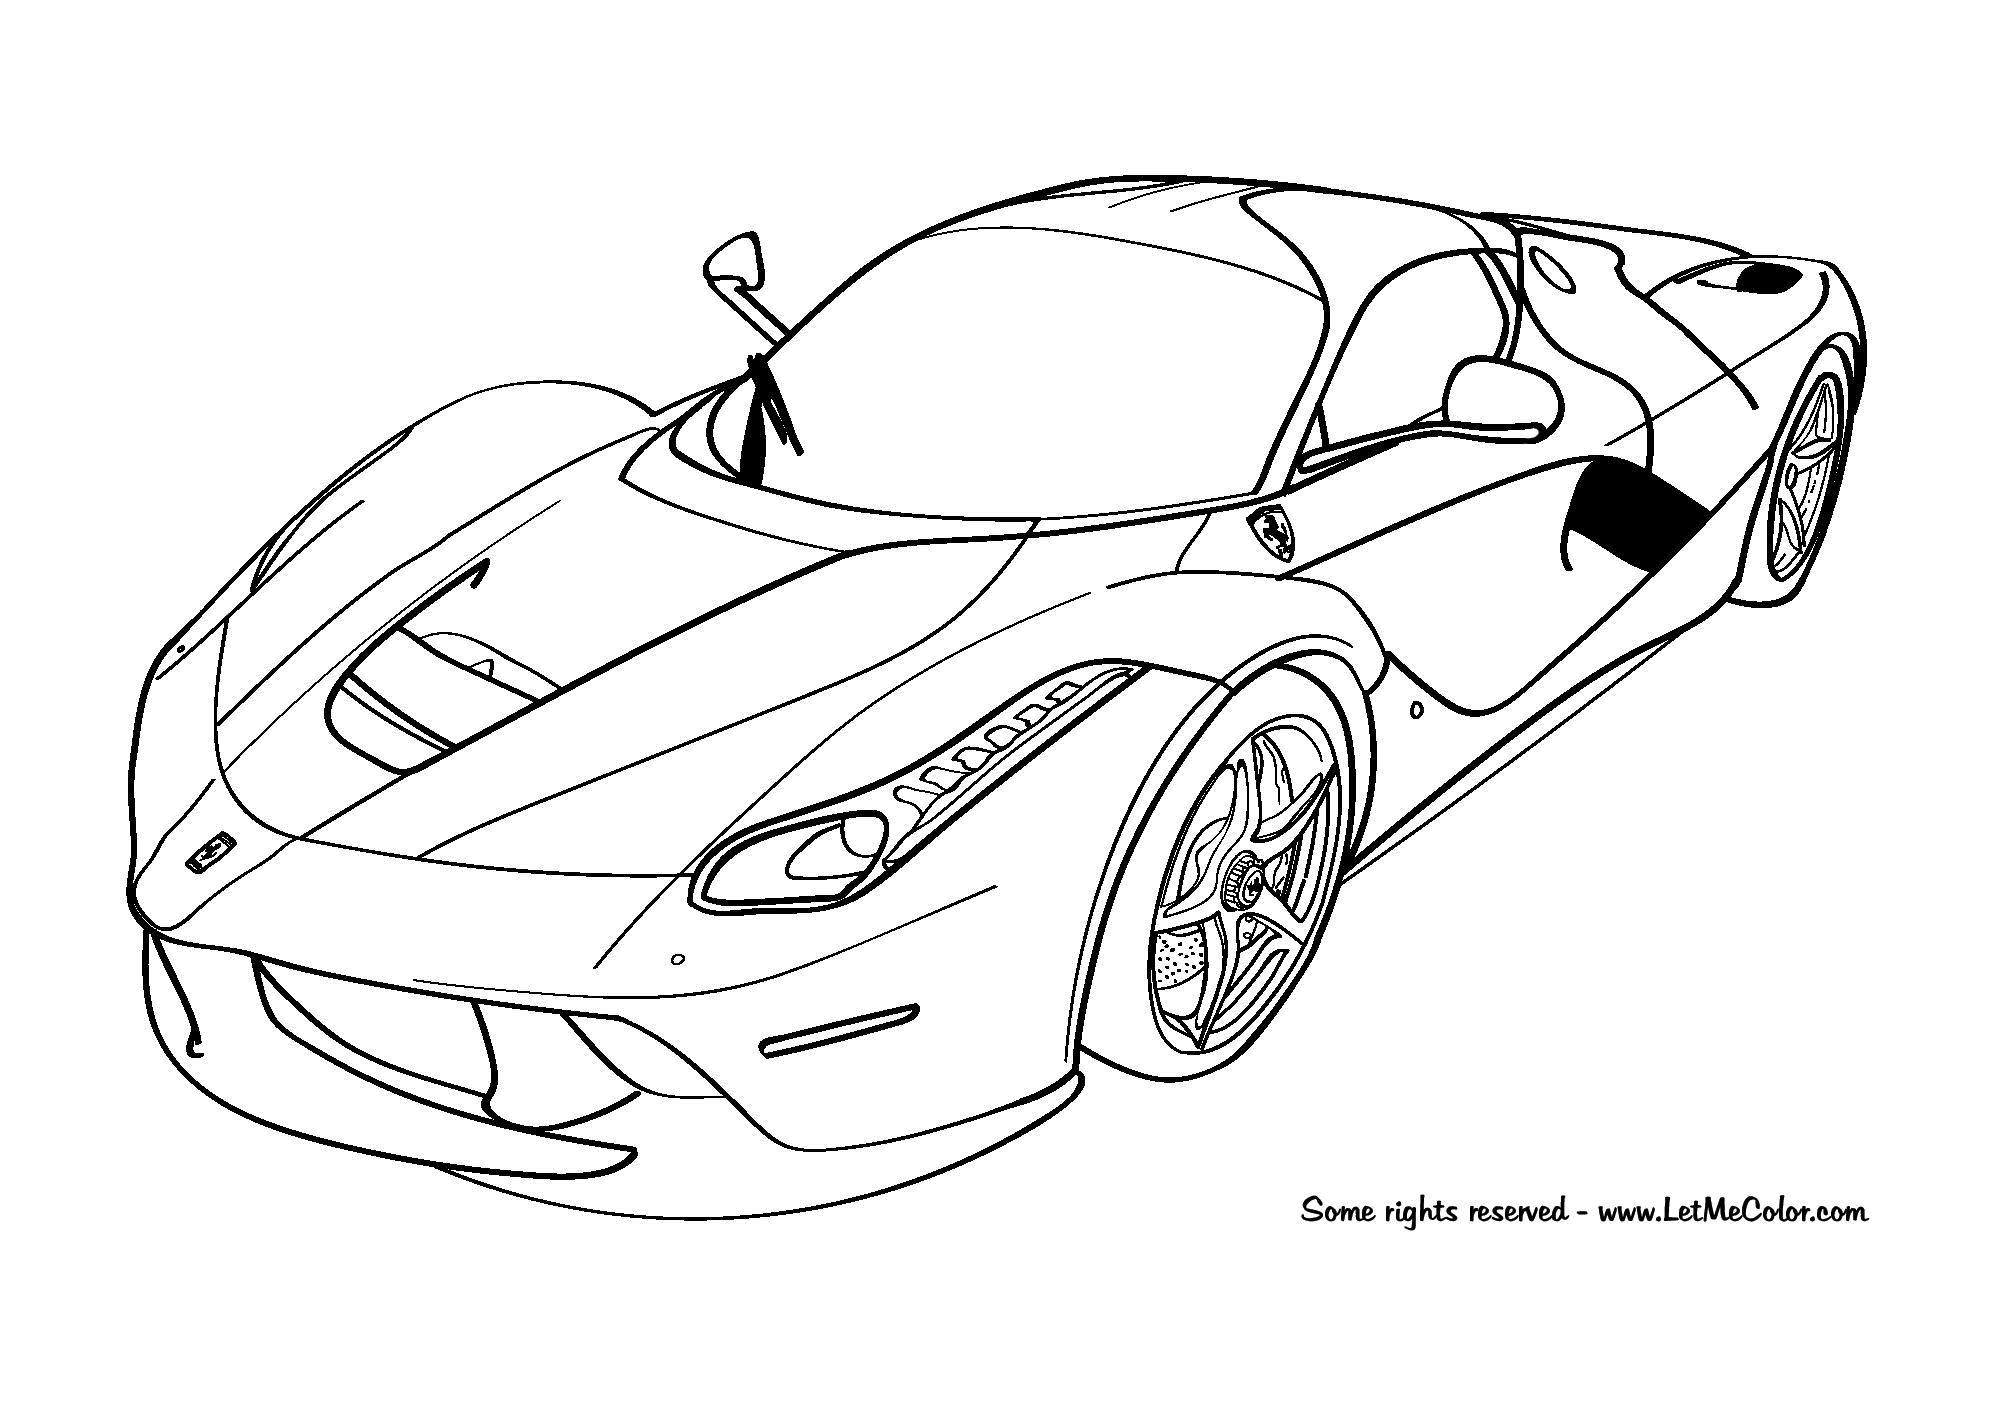 Cars Coloring Page Ferrari Laferrari Cars Coloring Pages Race Car Coloring Pages Car Colors